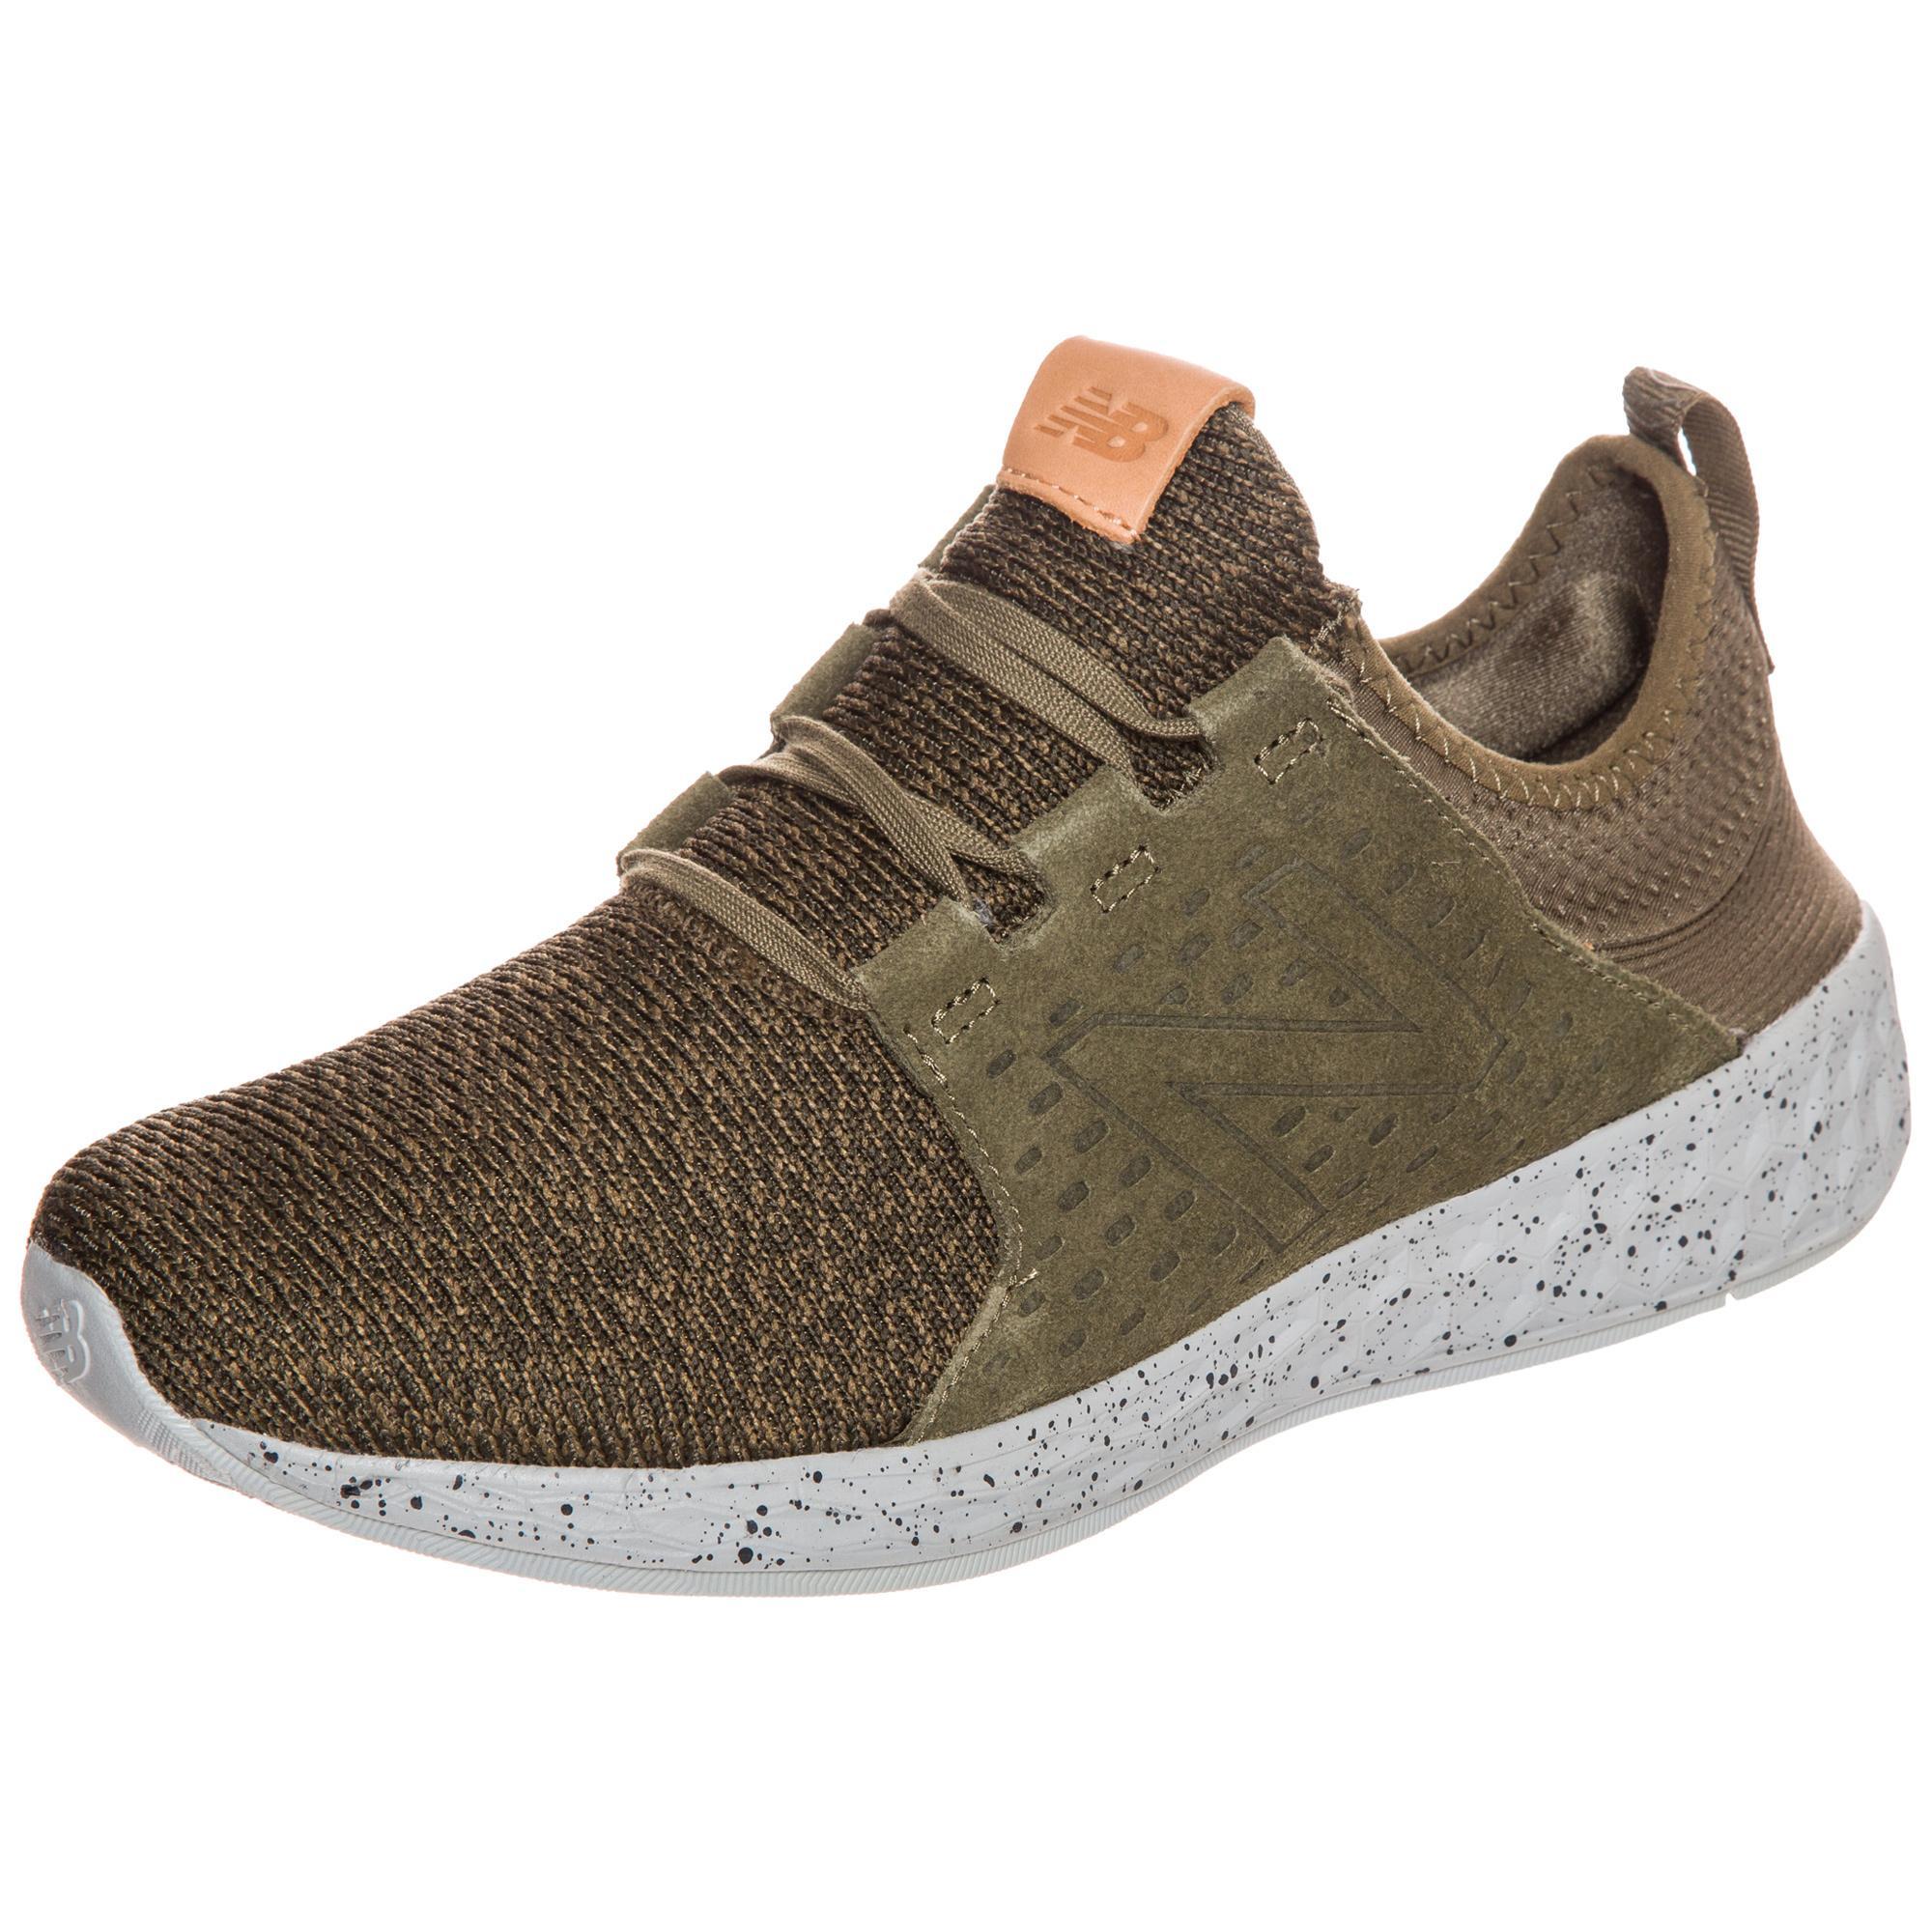 NEW BALANCE Fresh Foam Cruz Laufschuhe Herren dunkelgrün dunkelgrün dunkelgrün im Online Shop von SportScheck kaufen Gute Qualität beliebte Schuhe 1c54cf